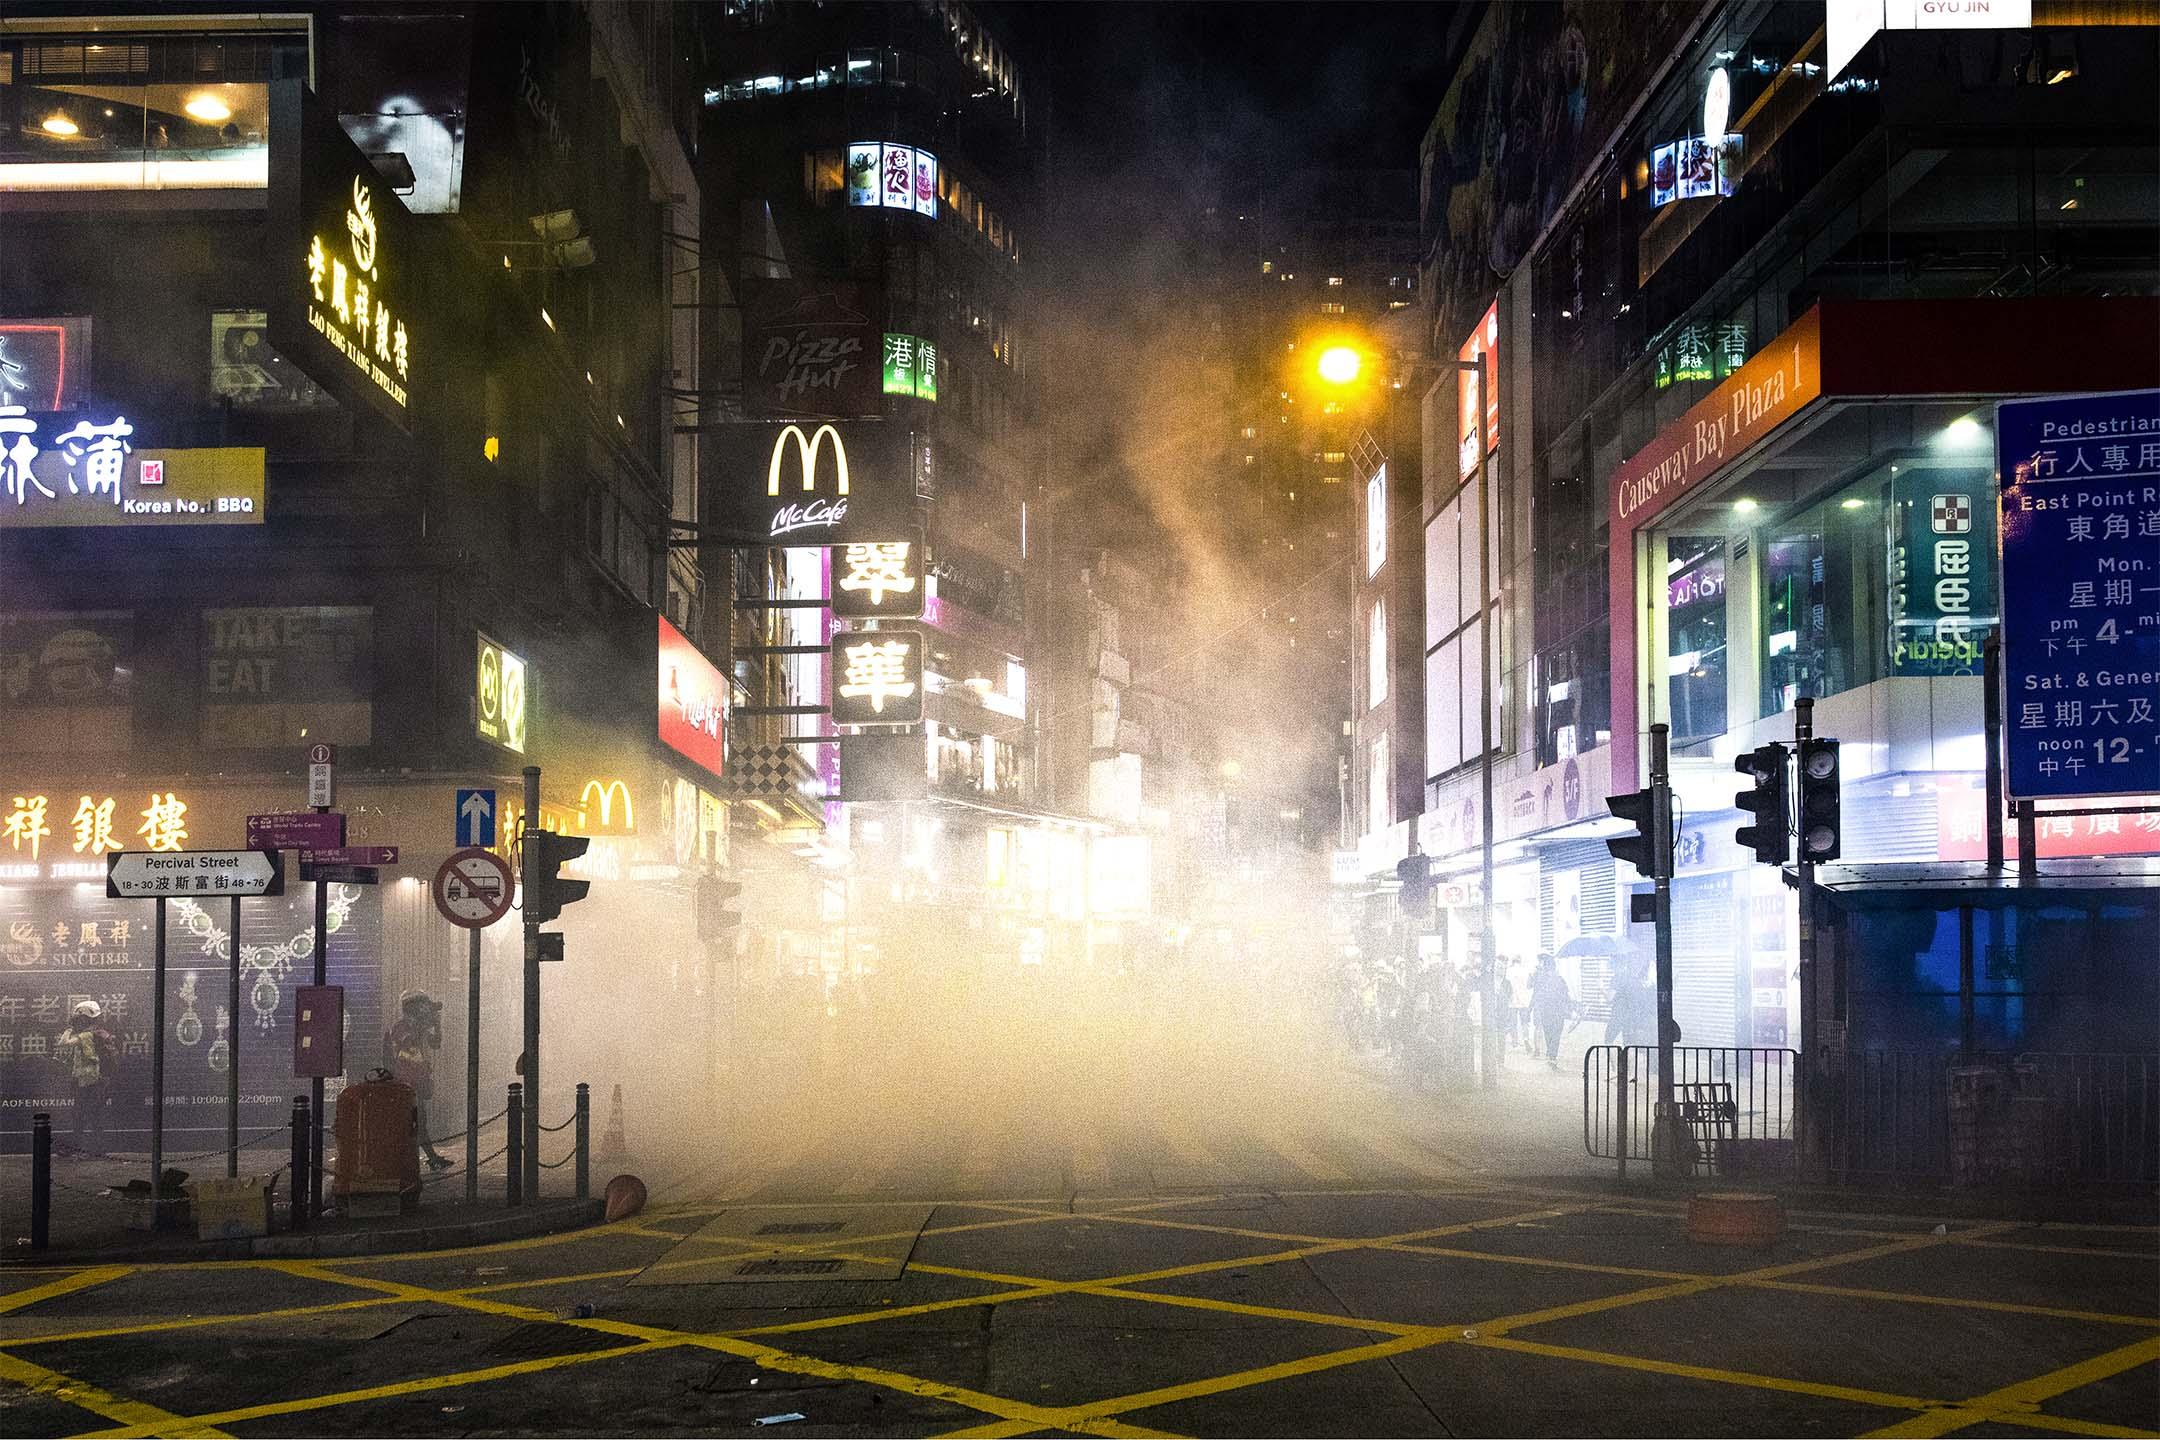 2019年8月4日,防暴警察在銅鑼灣施放催淚彈,驅散佔領馬路的示威者。 攝:陳焯煇/端傳媒